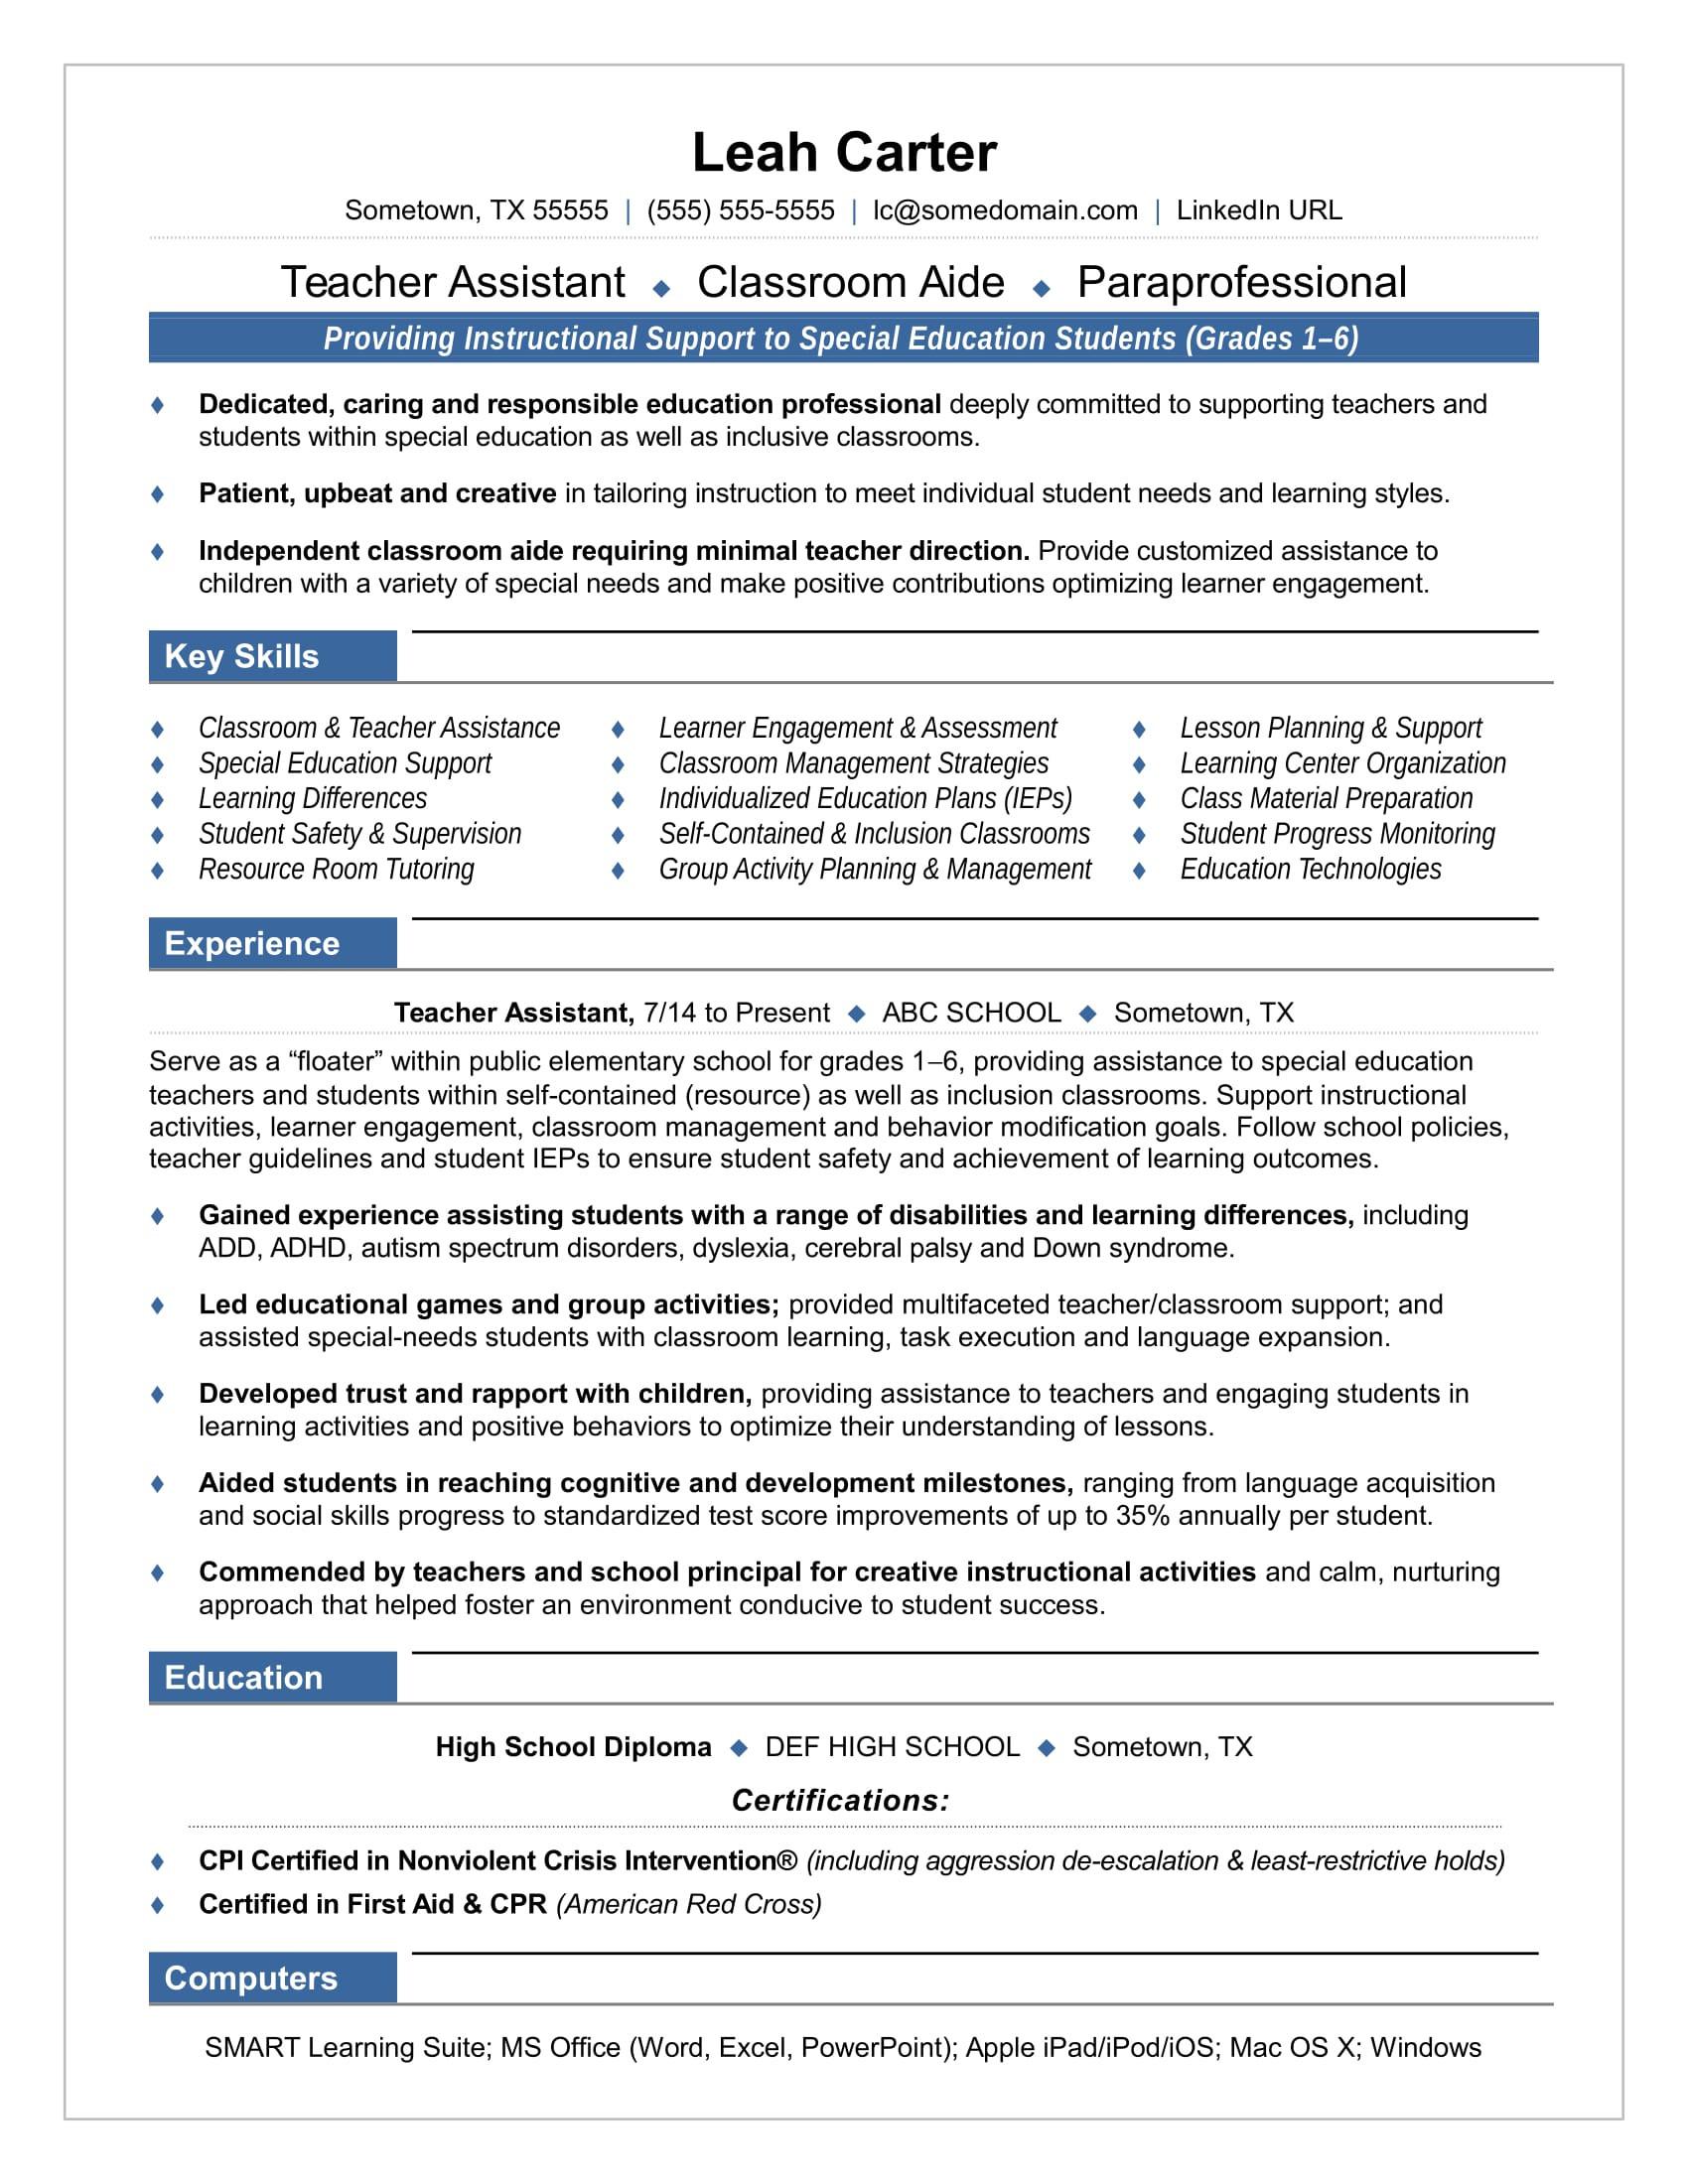 Teacher Aide Skills Resume Teacher assistant Resume Sample